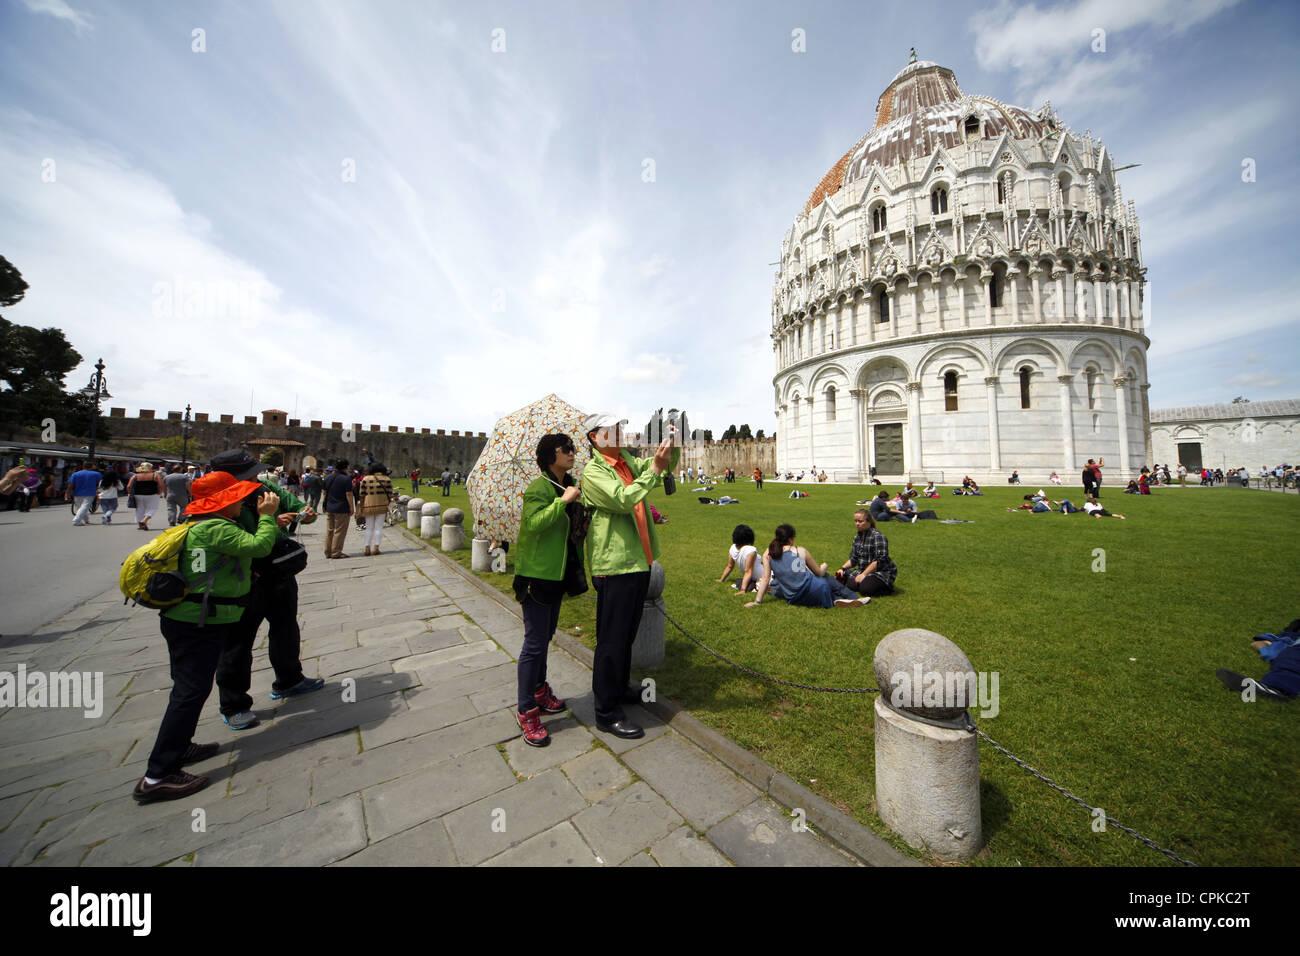 AISIAN TOURISTS & BAPTISTERY PISA TUSCANY ITALY 08 May 2012 - Stock Image